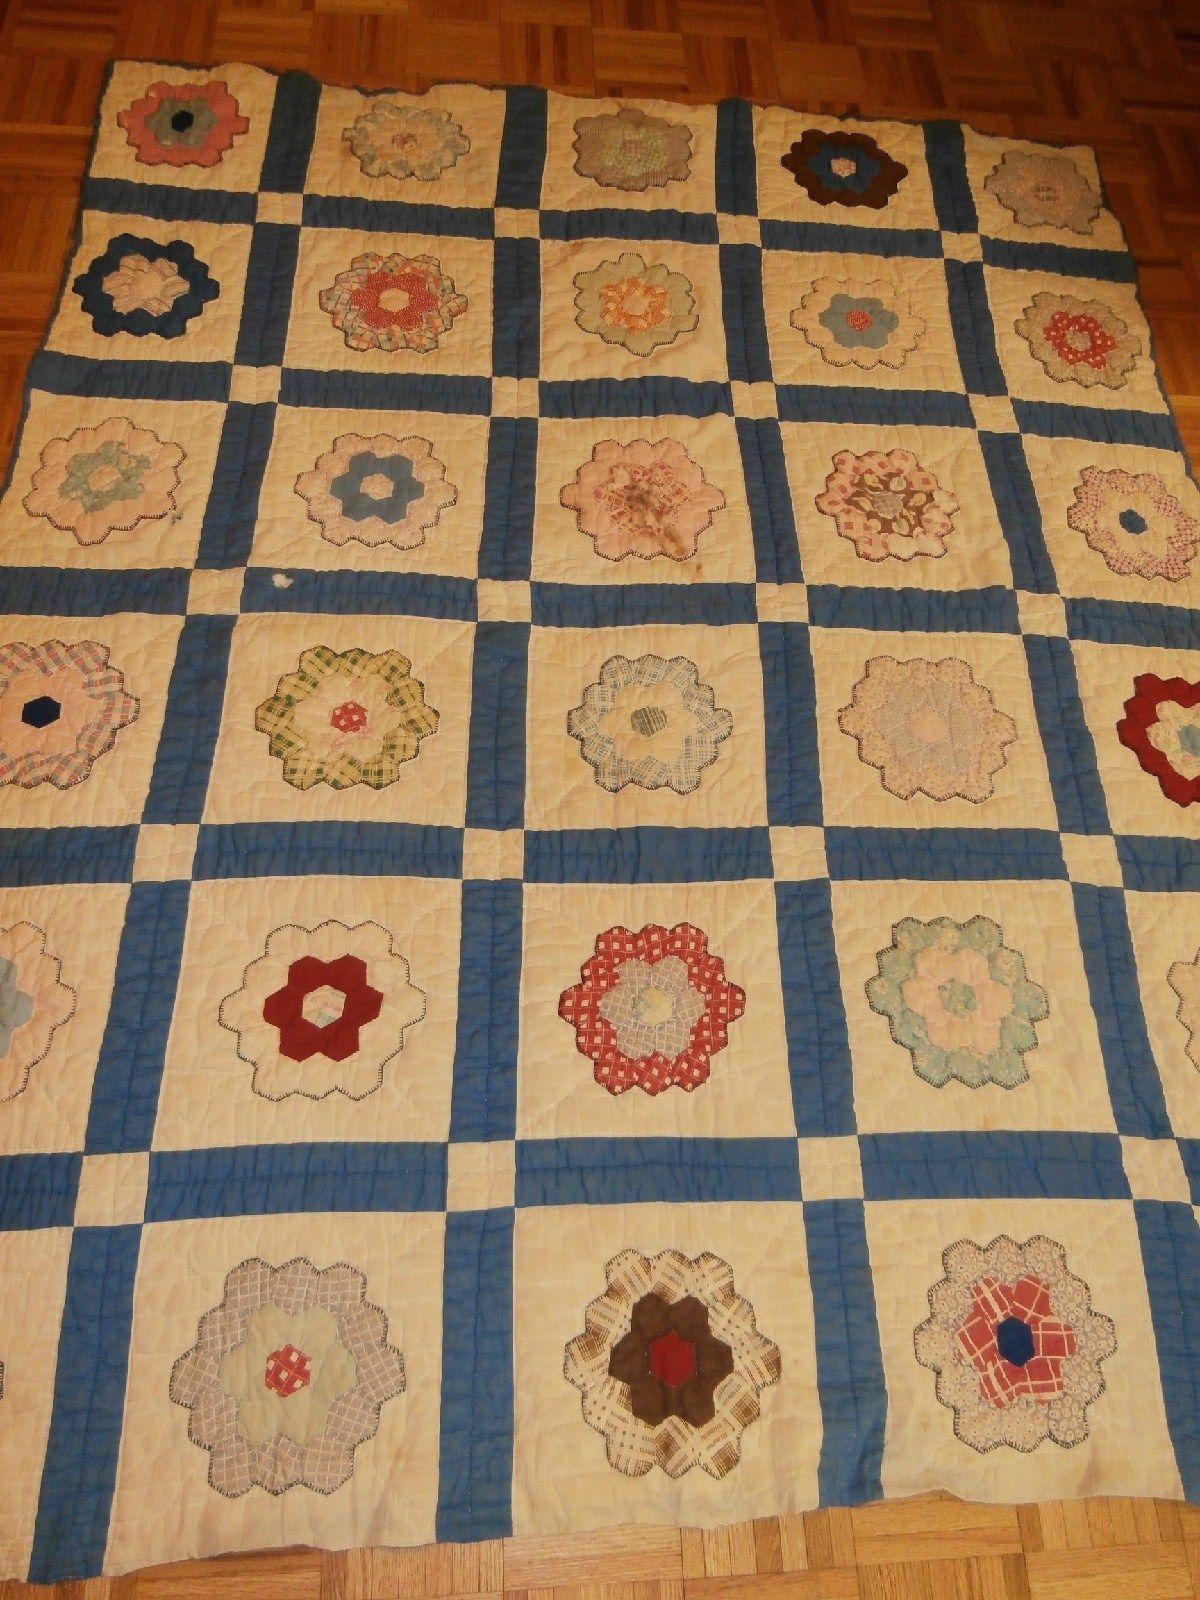 Antique Grandmother Flower Garden Quilt Cutter or Repair Pretty ... : antique quilt repair - Adamdwight.com